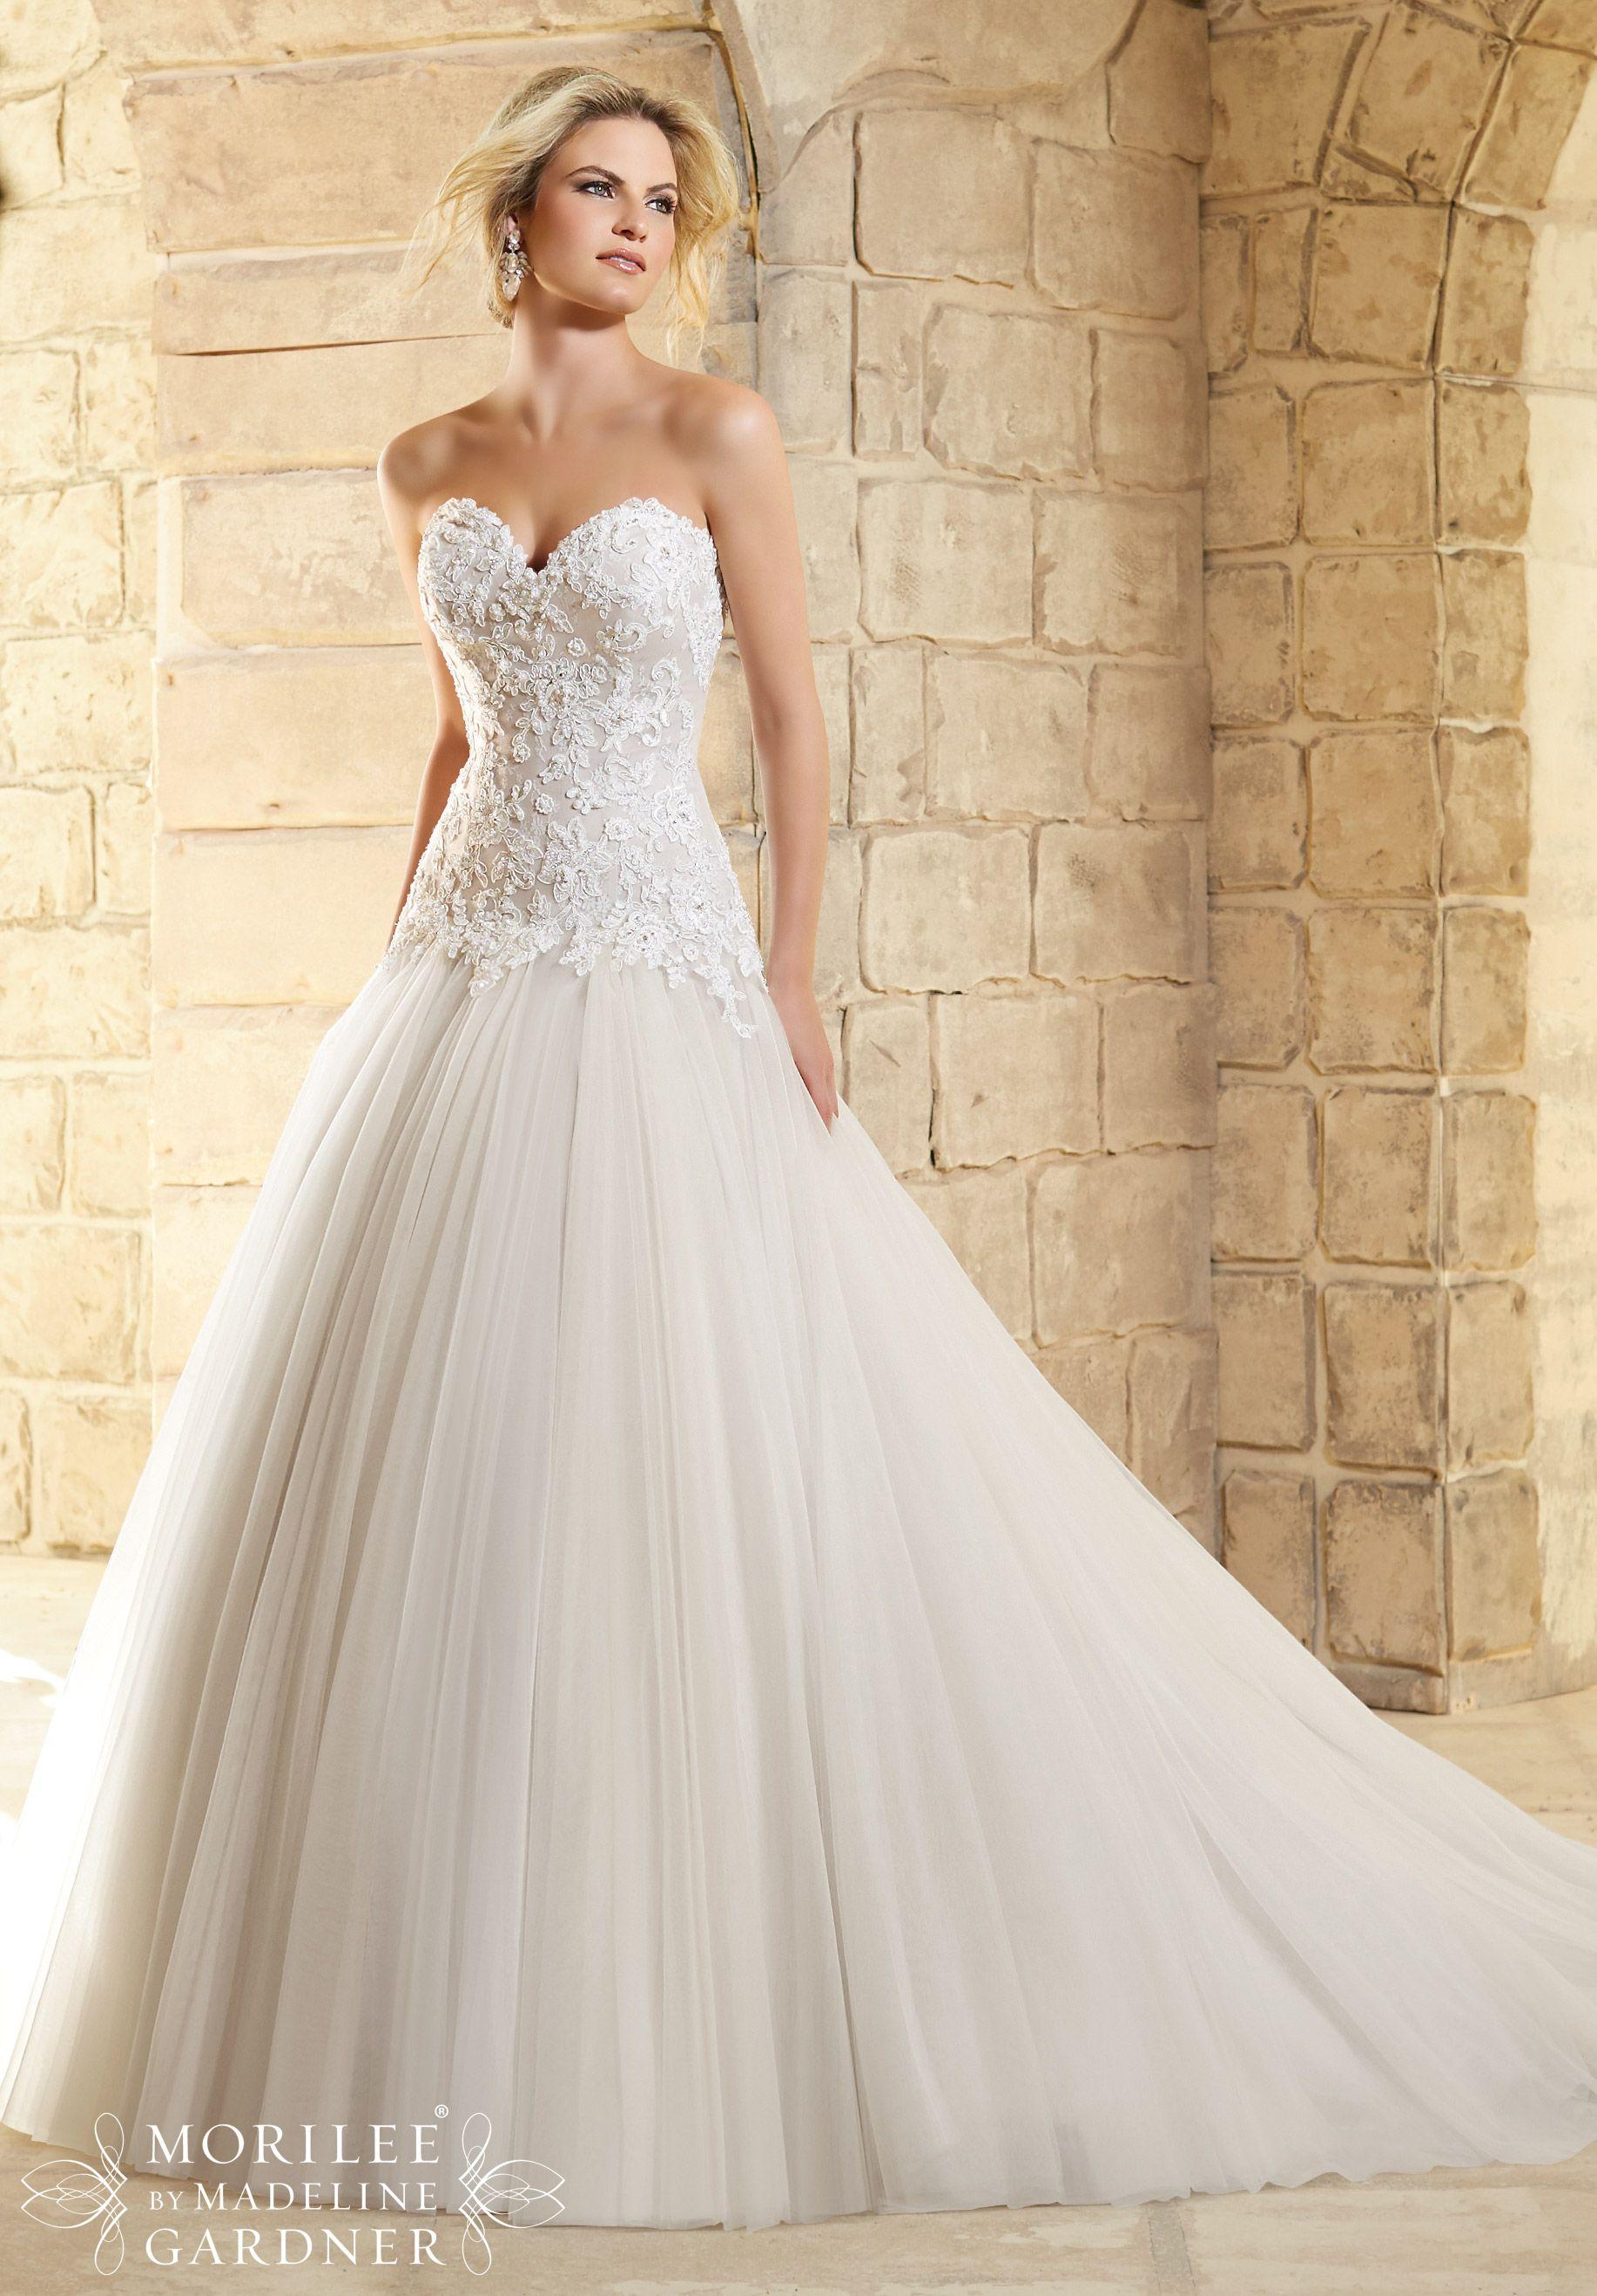 Dress Style 2771 Drop Waist Wedding Dress Ball Gowns Wedding Wedding Dresses [ 2636 x 1834 Pixel ]